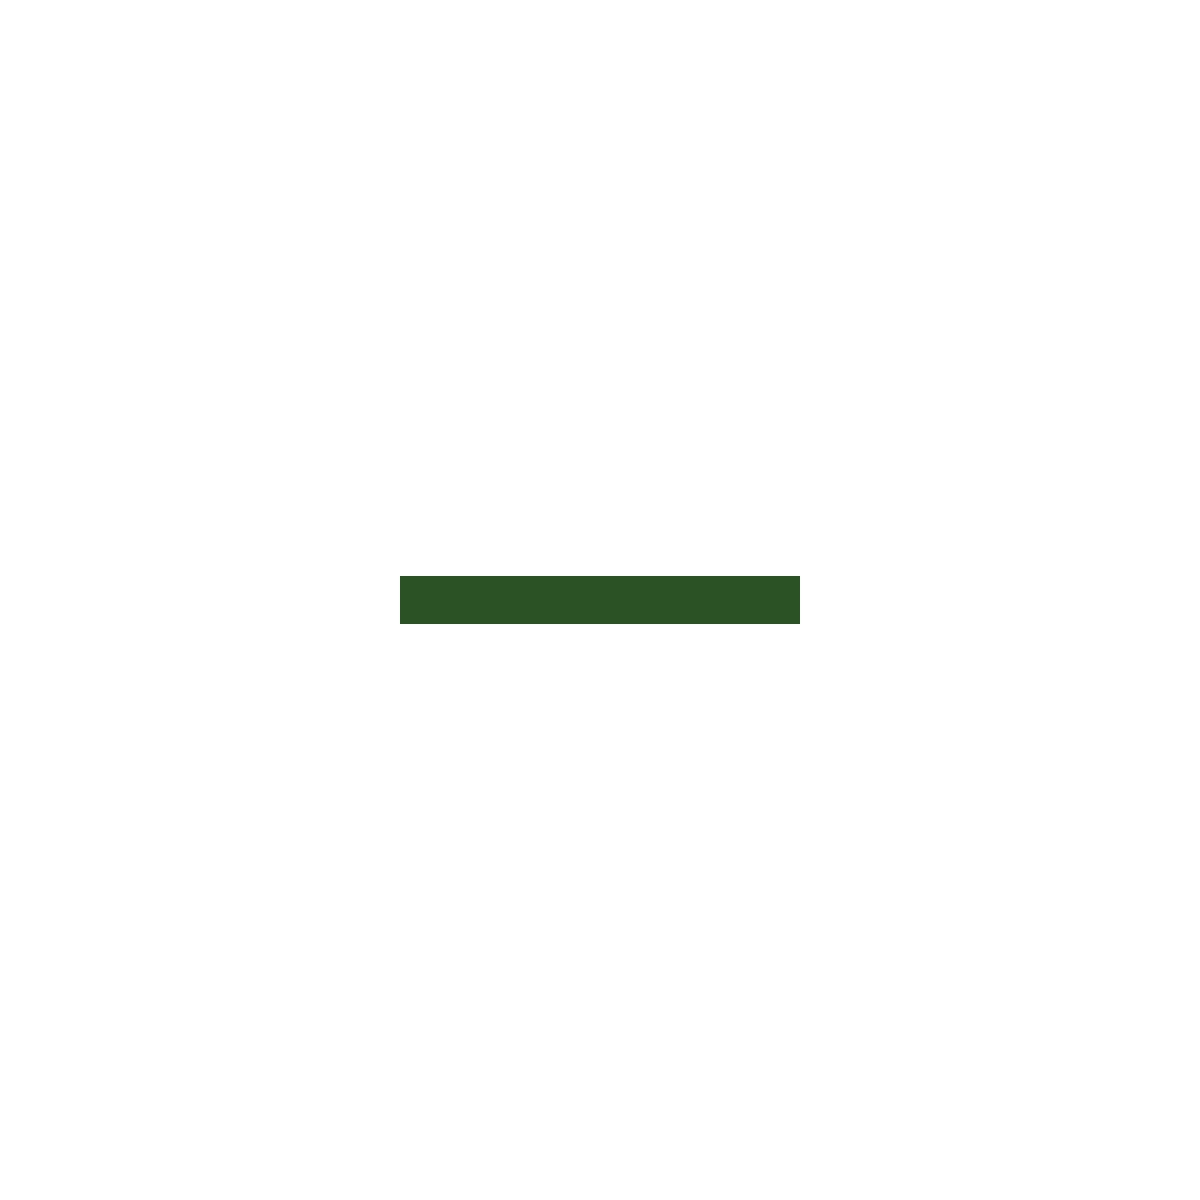 Tira Verde 2,5x20 (ud) - Serie Altea Verde - Marca Mainzu